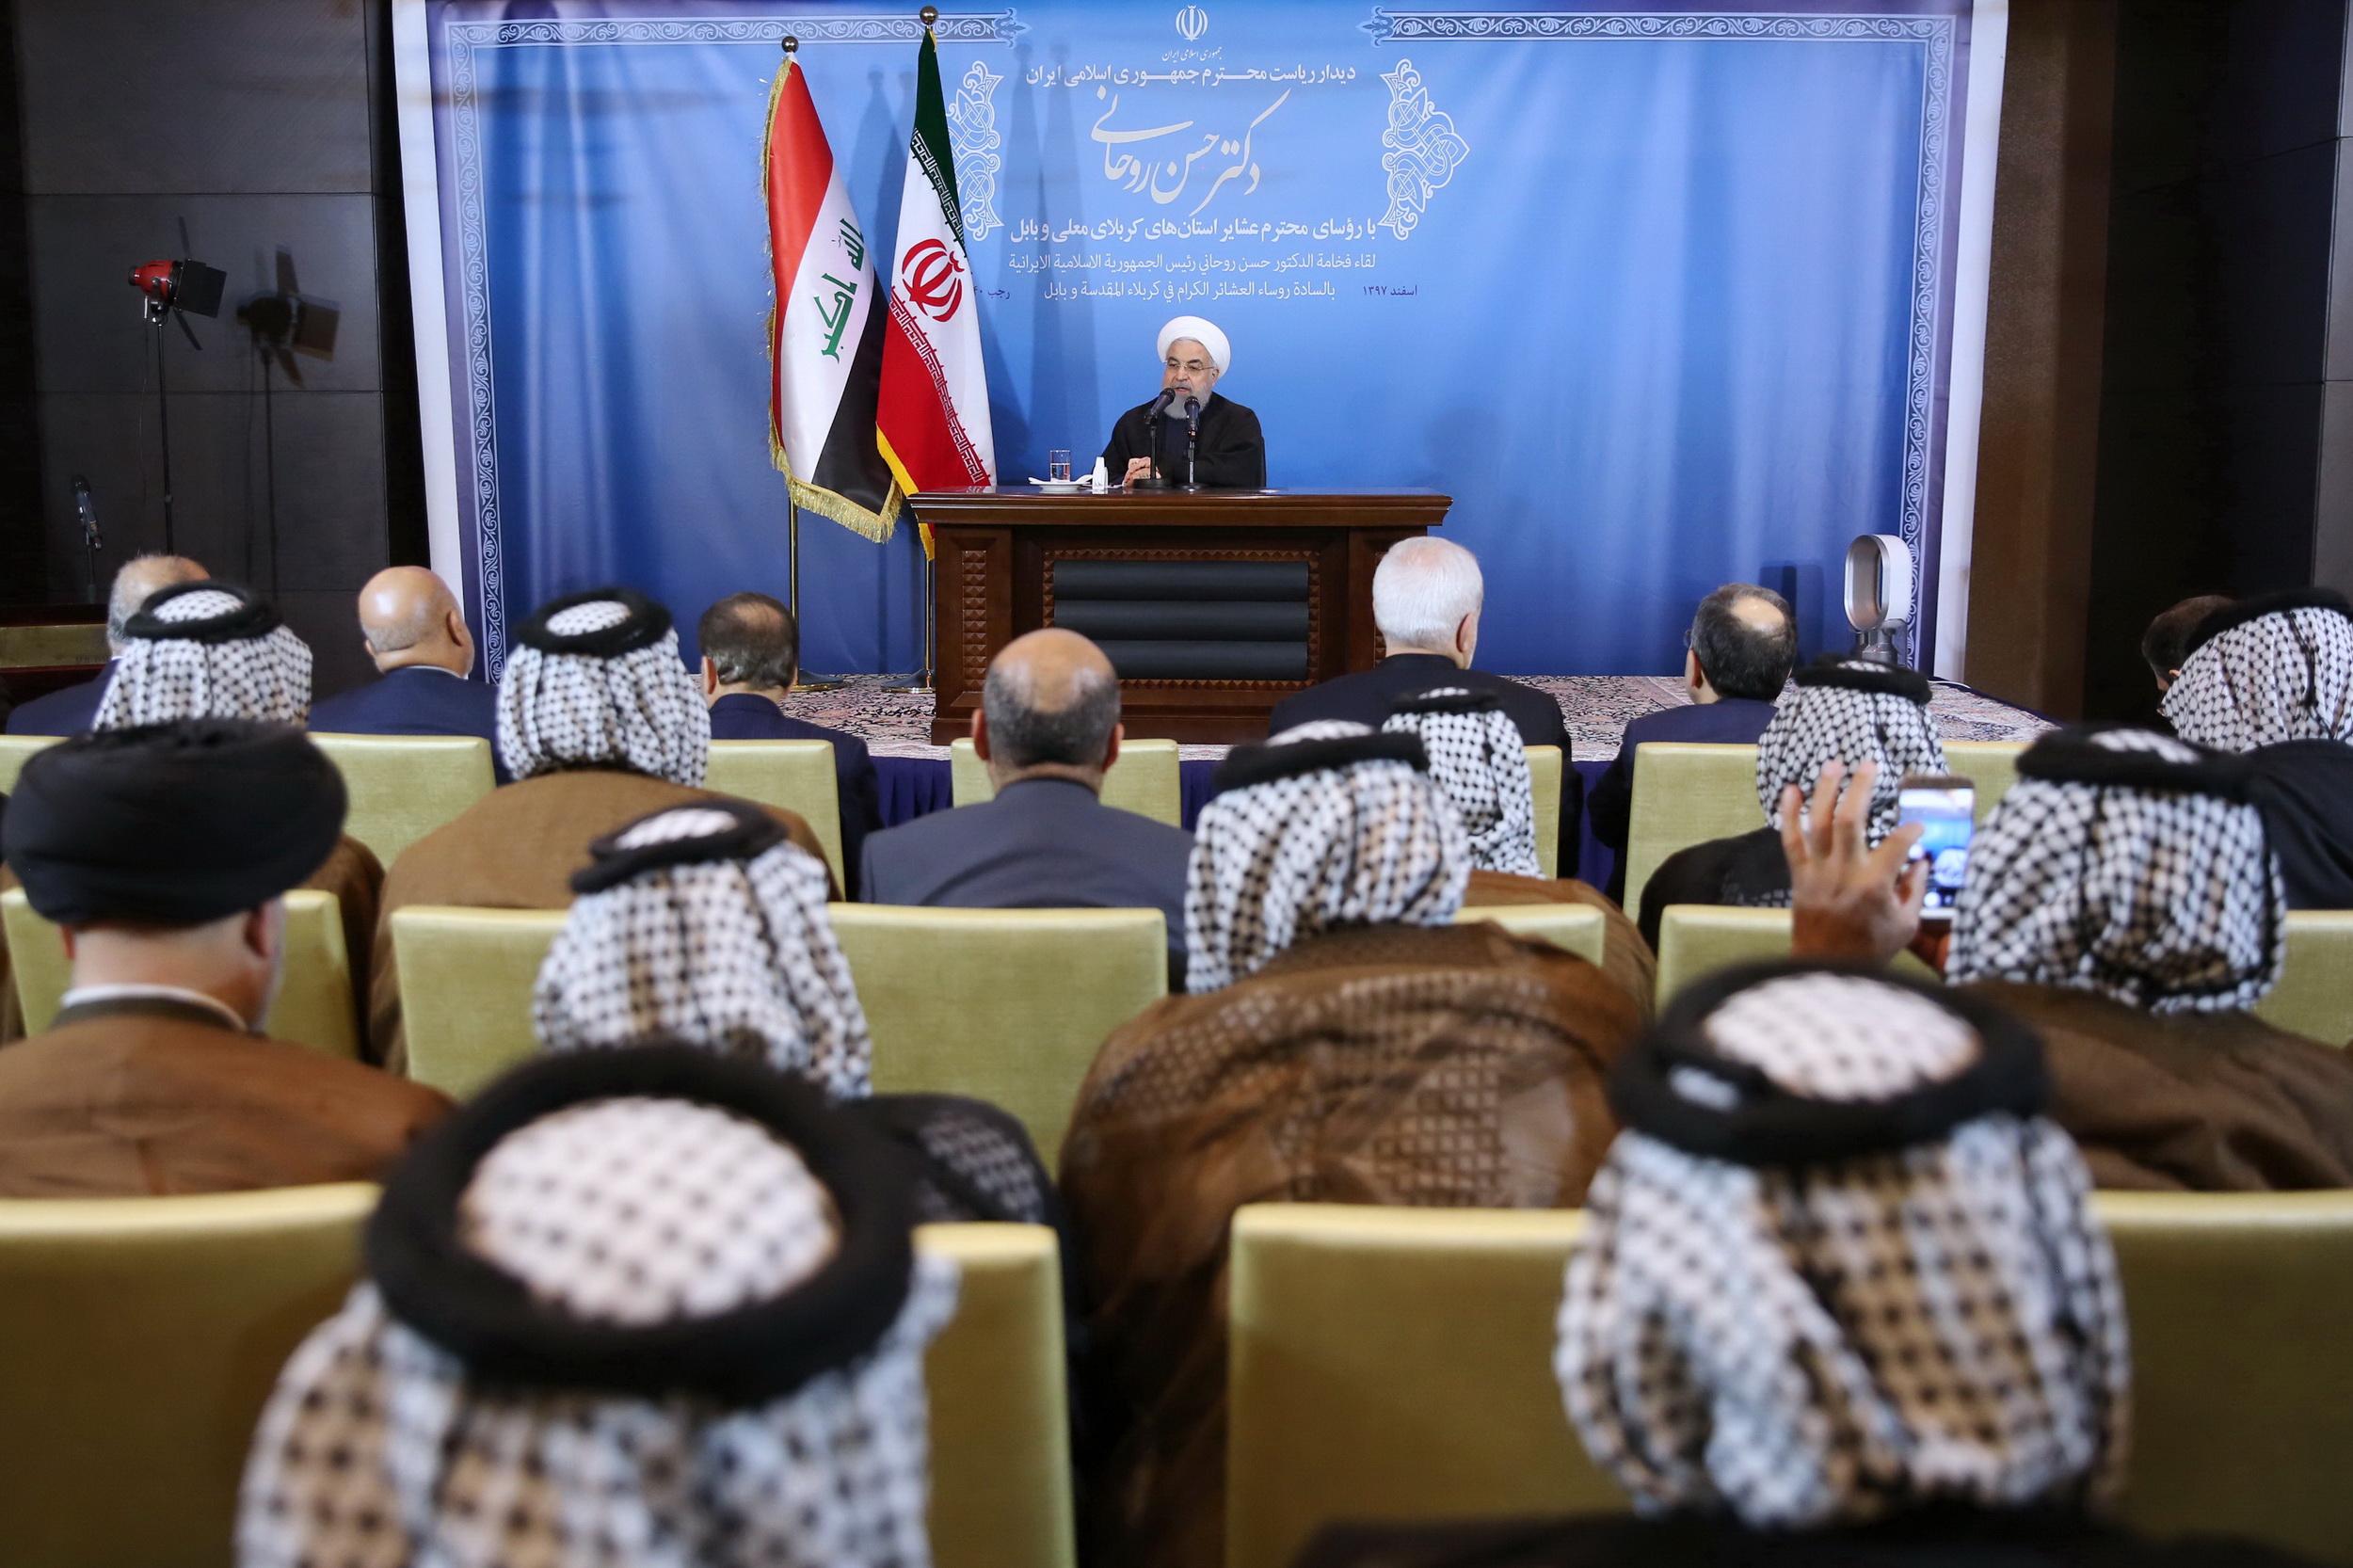 انسجام و وحدت عراق را به نفع عراق و کل منطقه میدانیم